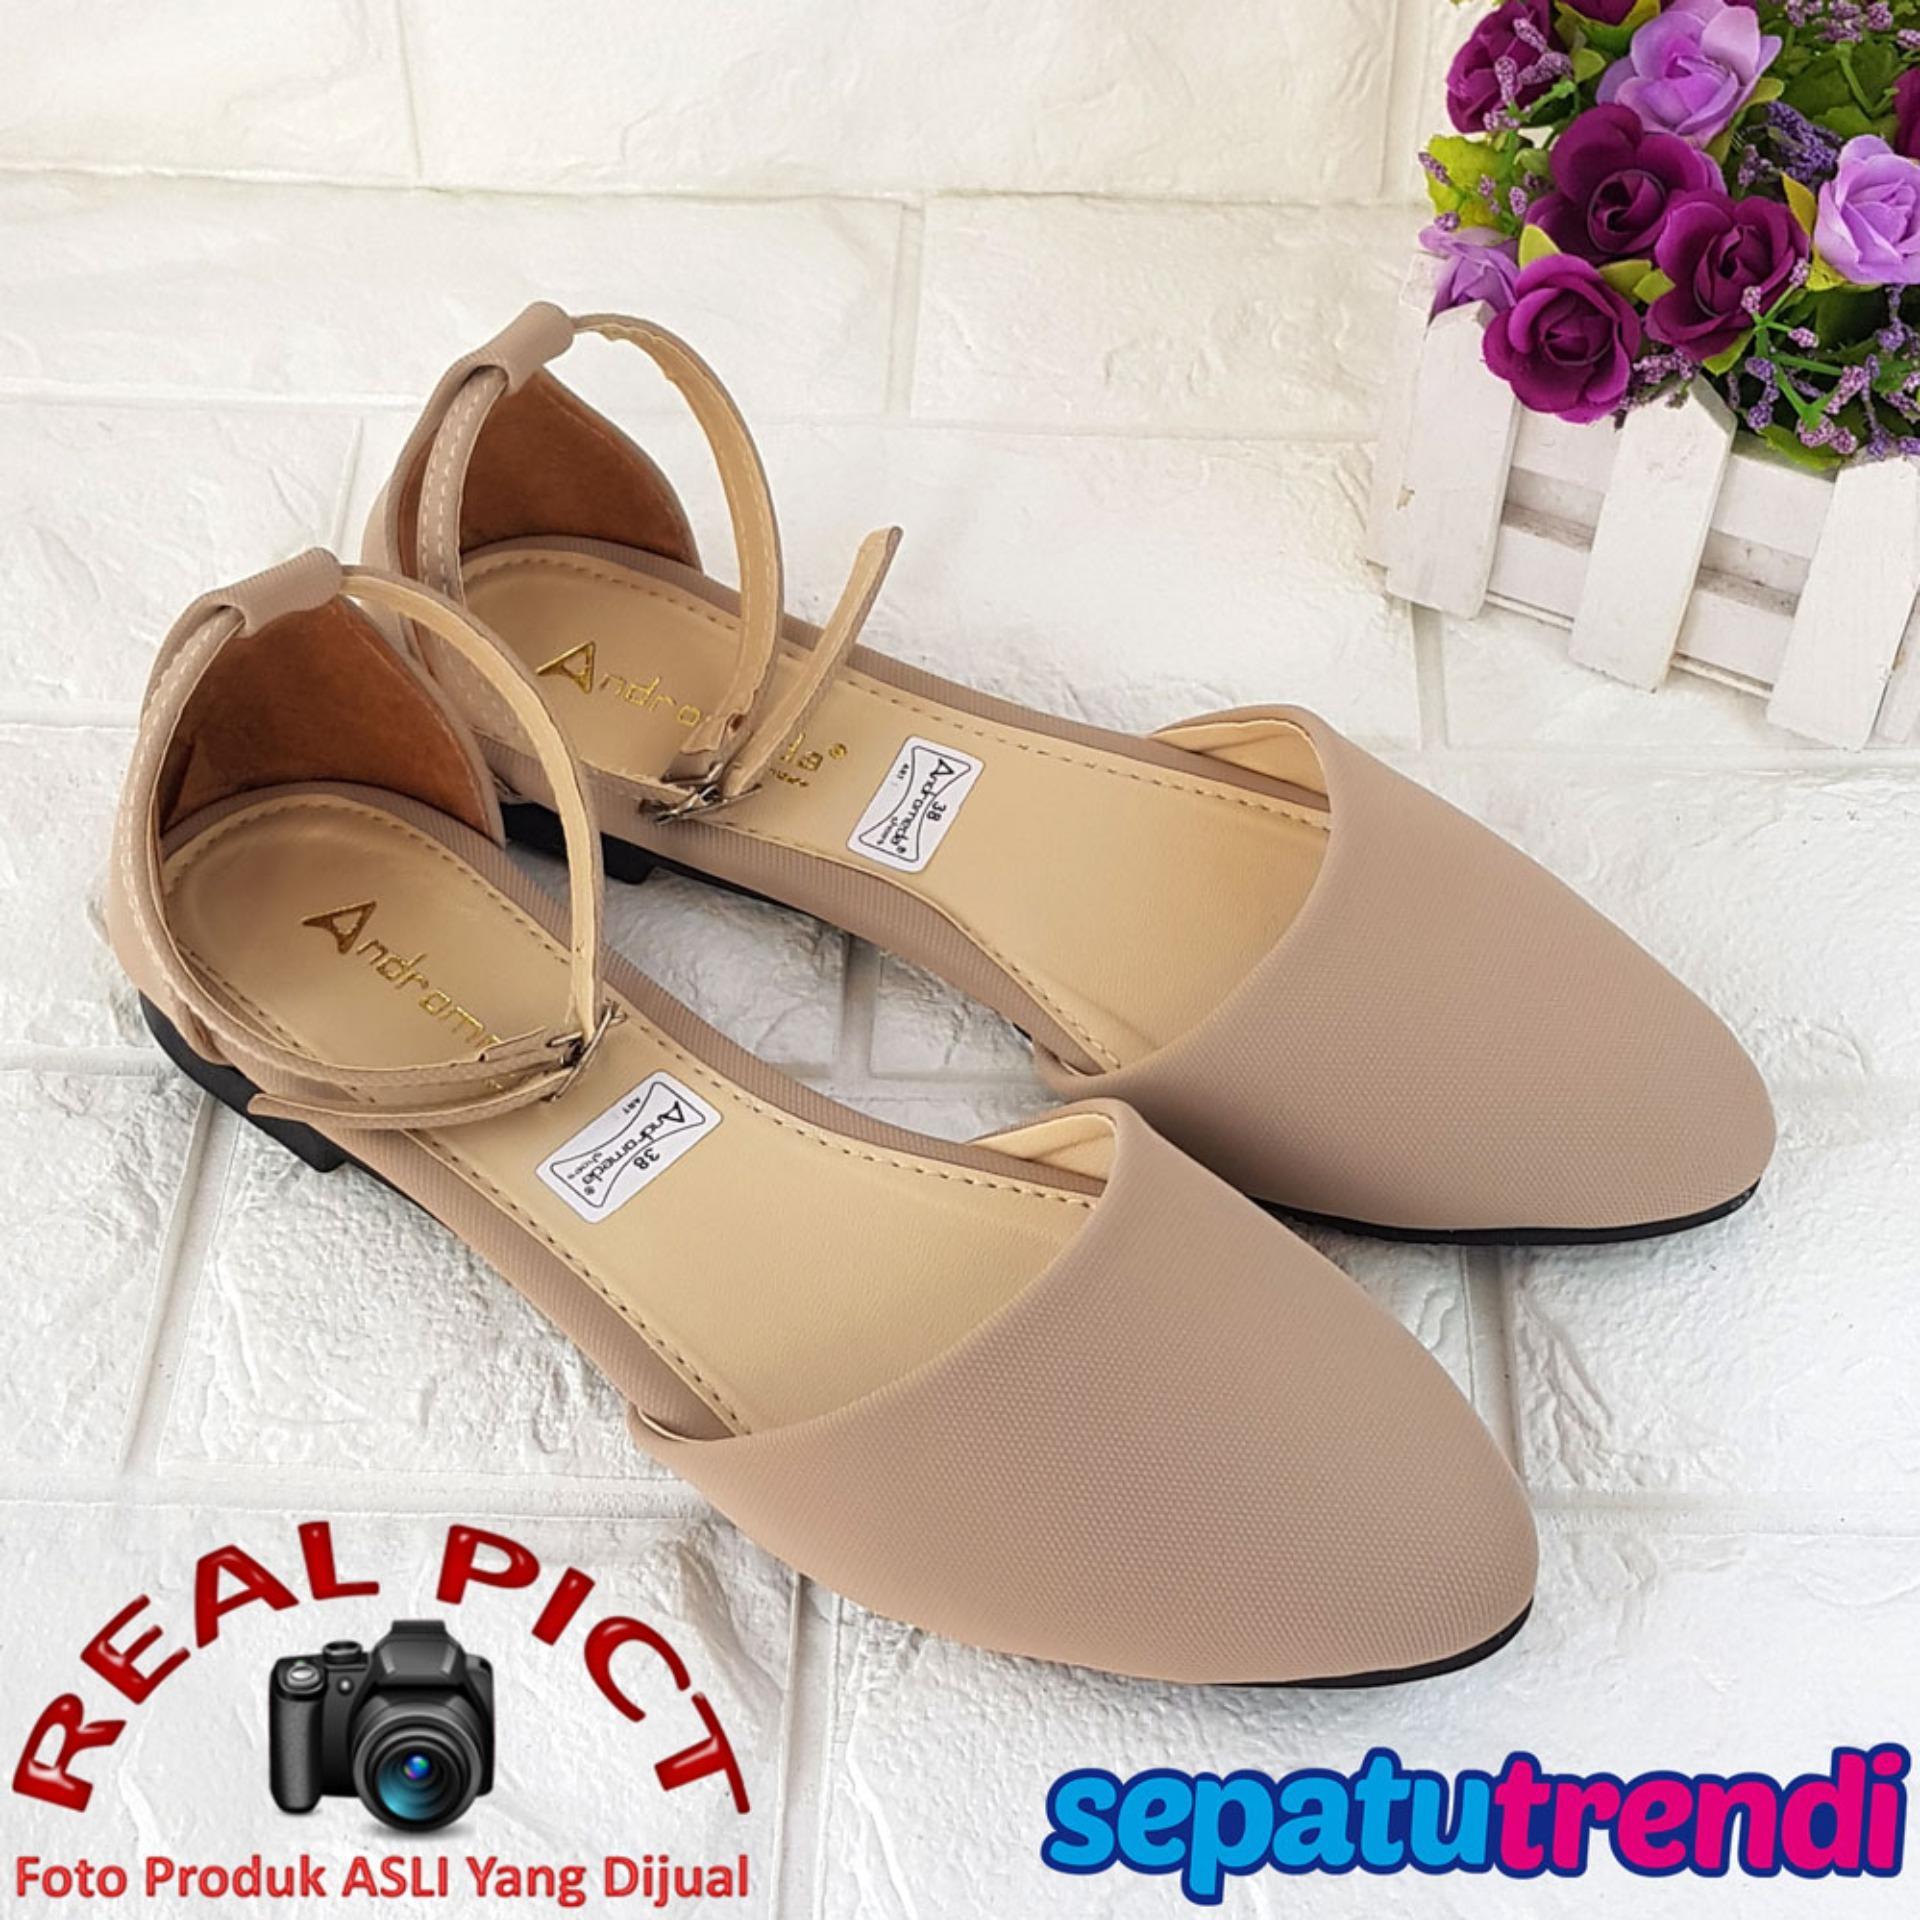 Jual Trendi Sepatu Wanita Flat Shoes D Orsay Ankle Strap Gelang Soglg Trendi Di Jawa Barat